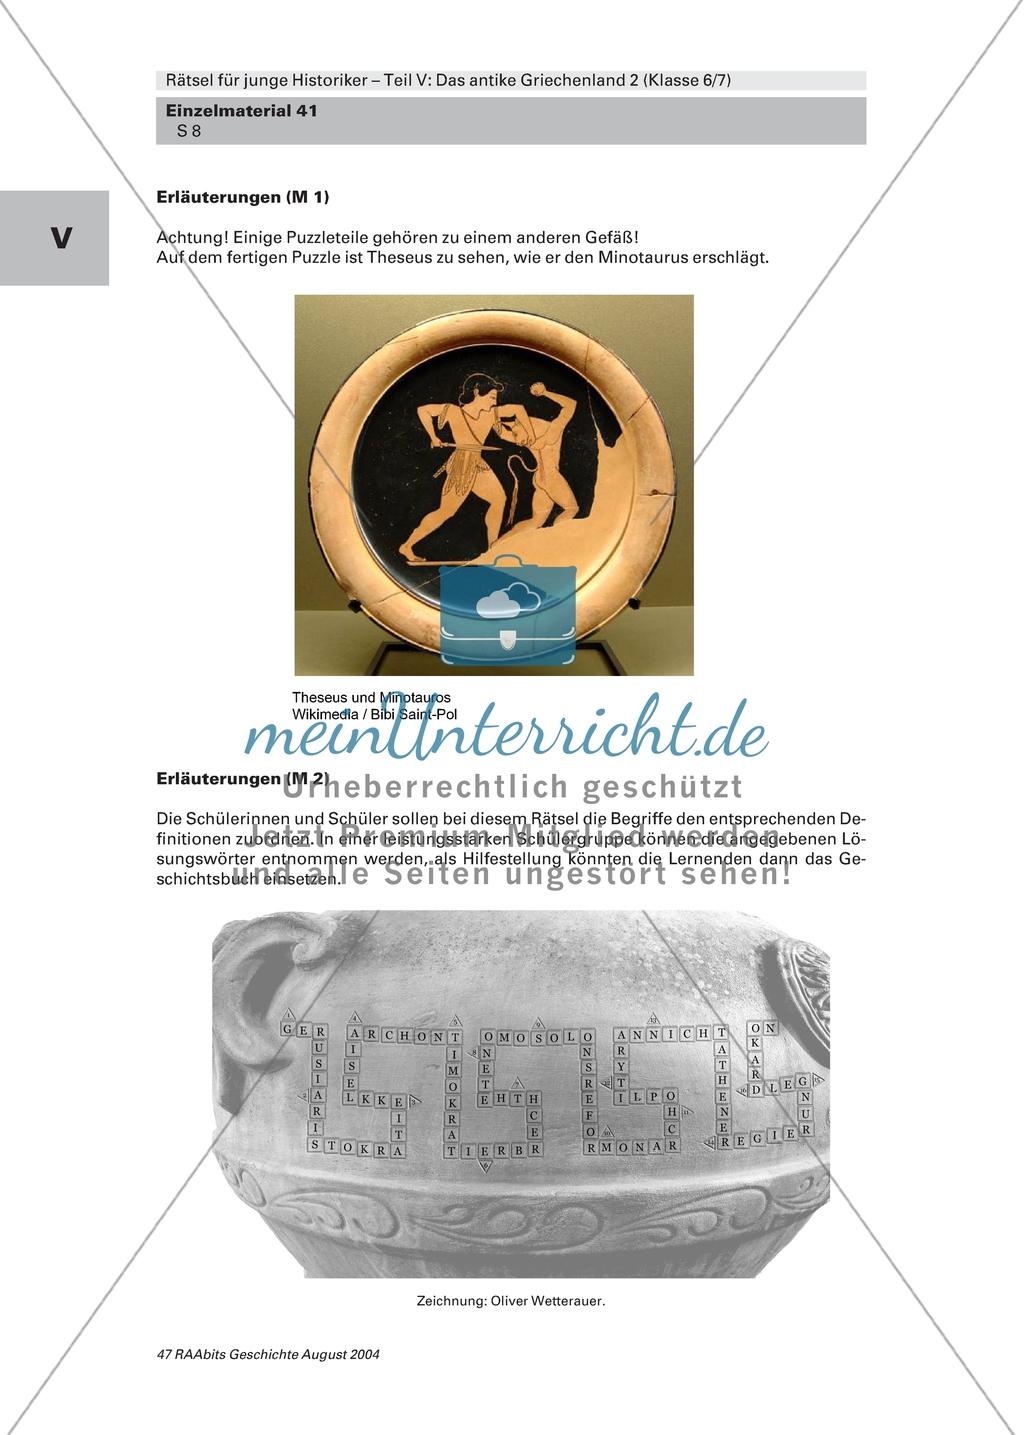 Rätselsammlung - Das Antike Griechenland: Puzzle - Theseus erschlägt den Minotaurus Preview 1